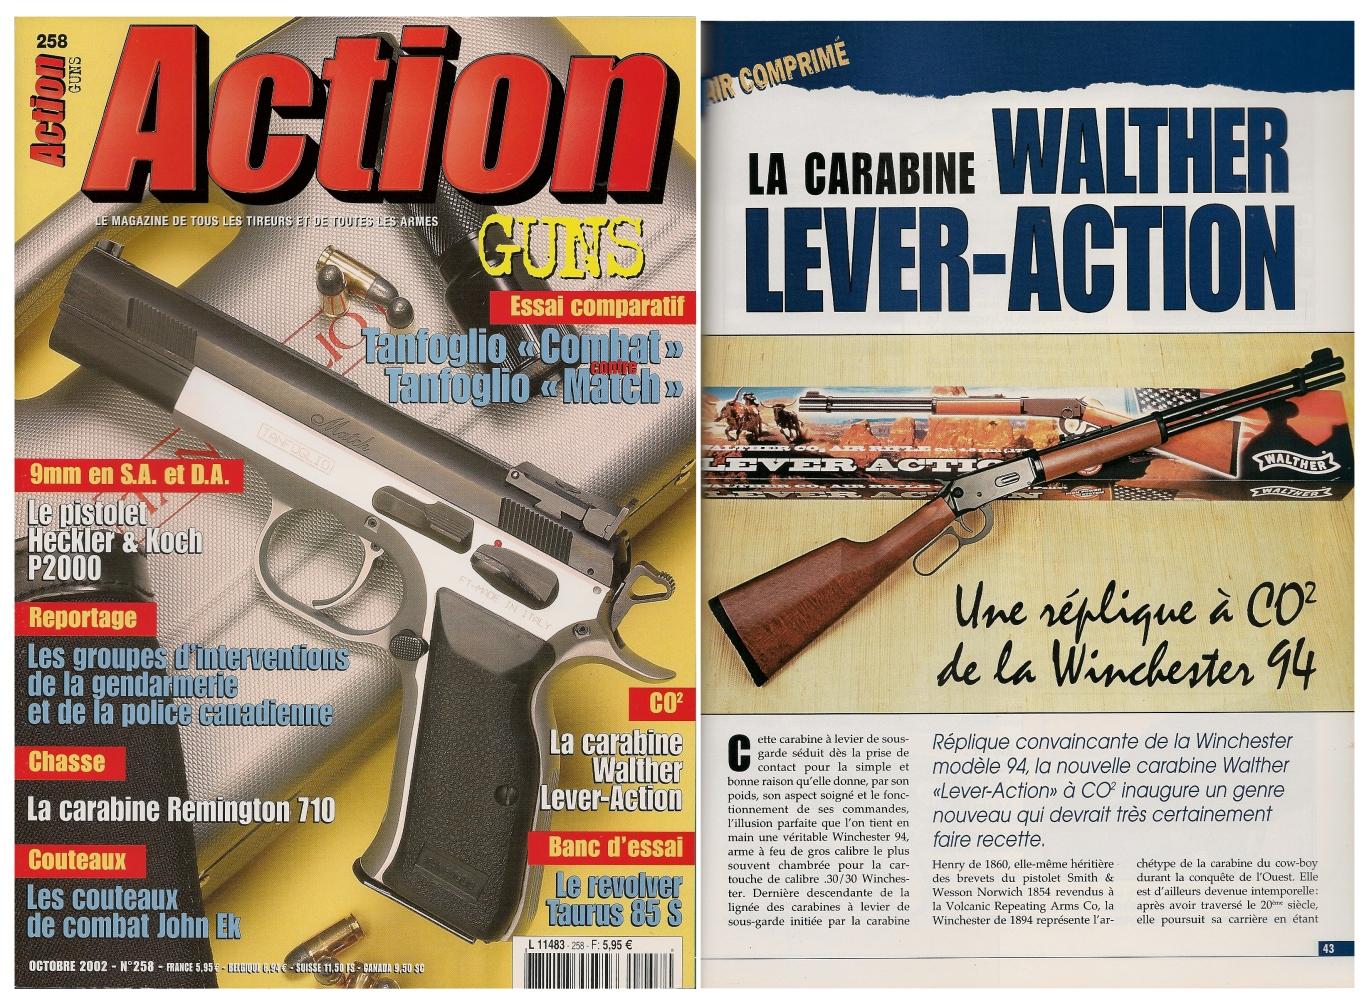 Le banc d'essai de la carabine à Co2 Walther Lever-Action a été publié sur 4 pages dans le magazine Action Guns n°258 (octobre 2002).